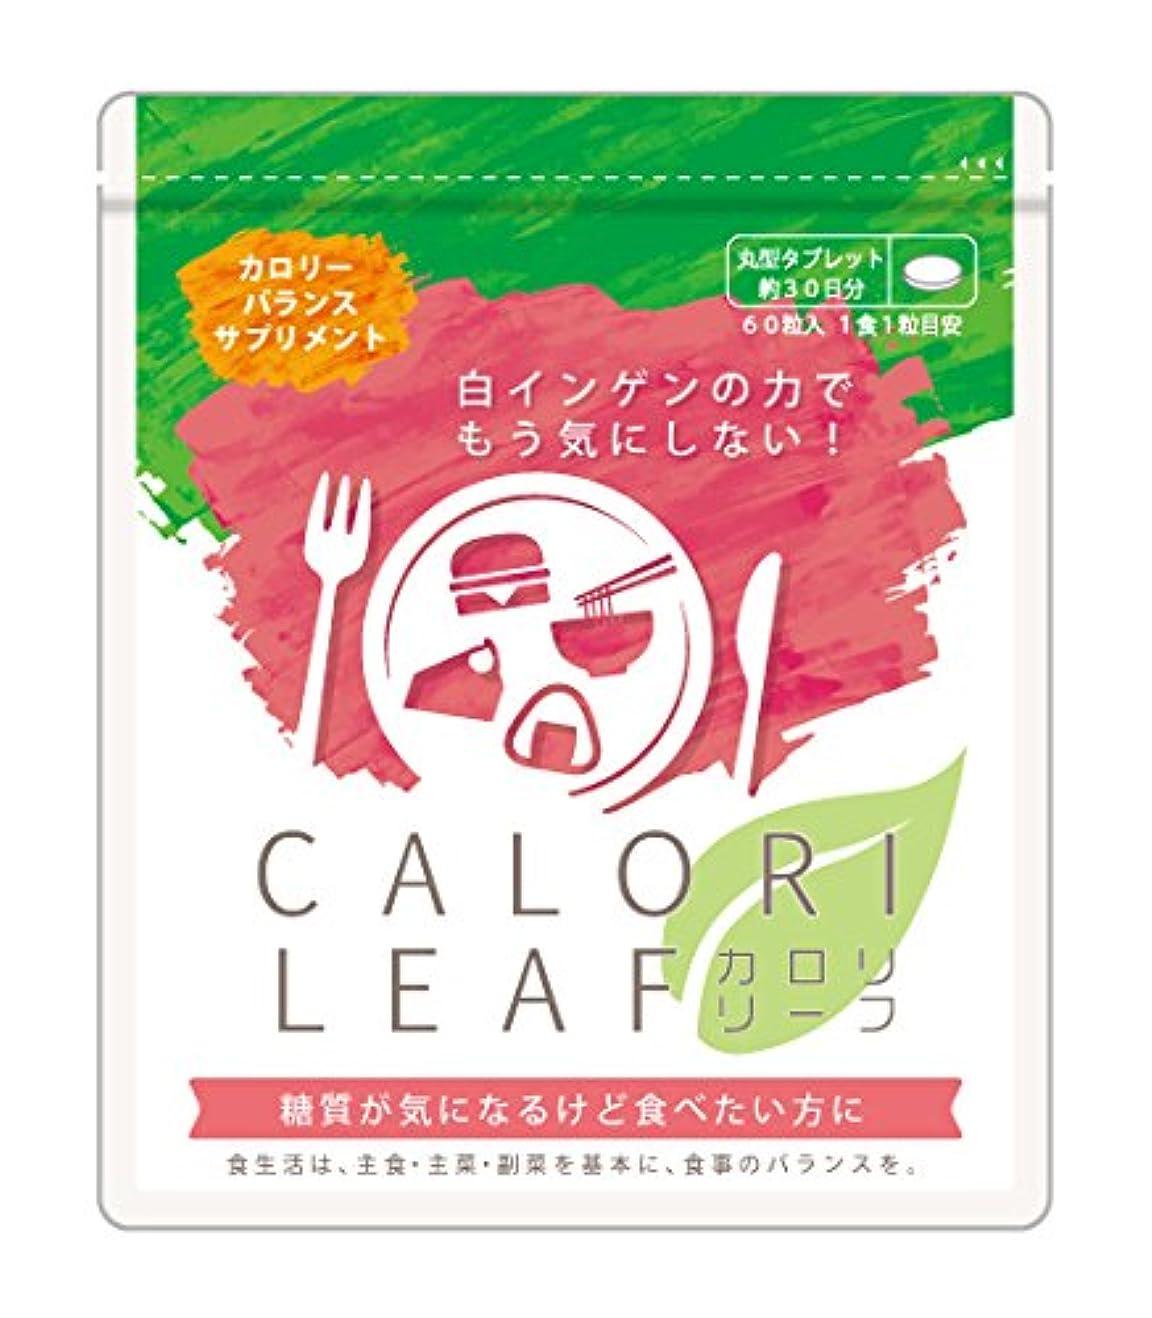 ディンカルビル魔女日没カロリリーフ 15g(250mg×60粒)